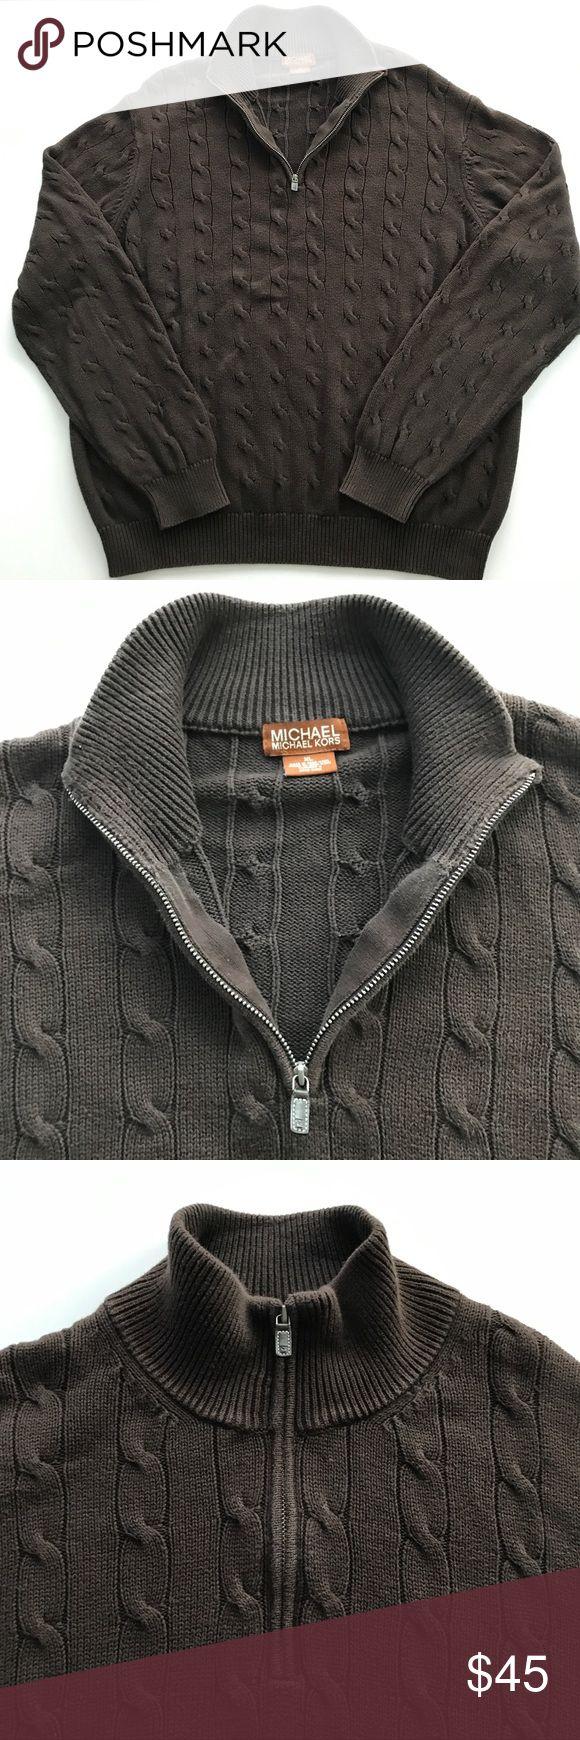 Men's Michael Kors Brown Cableknit 1/2 Zip Sweater Men's Michael Kors Brown  Sweater 1